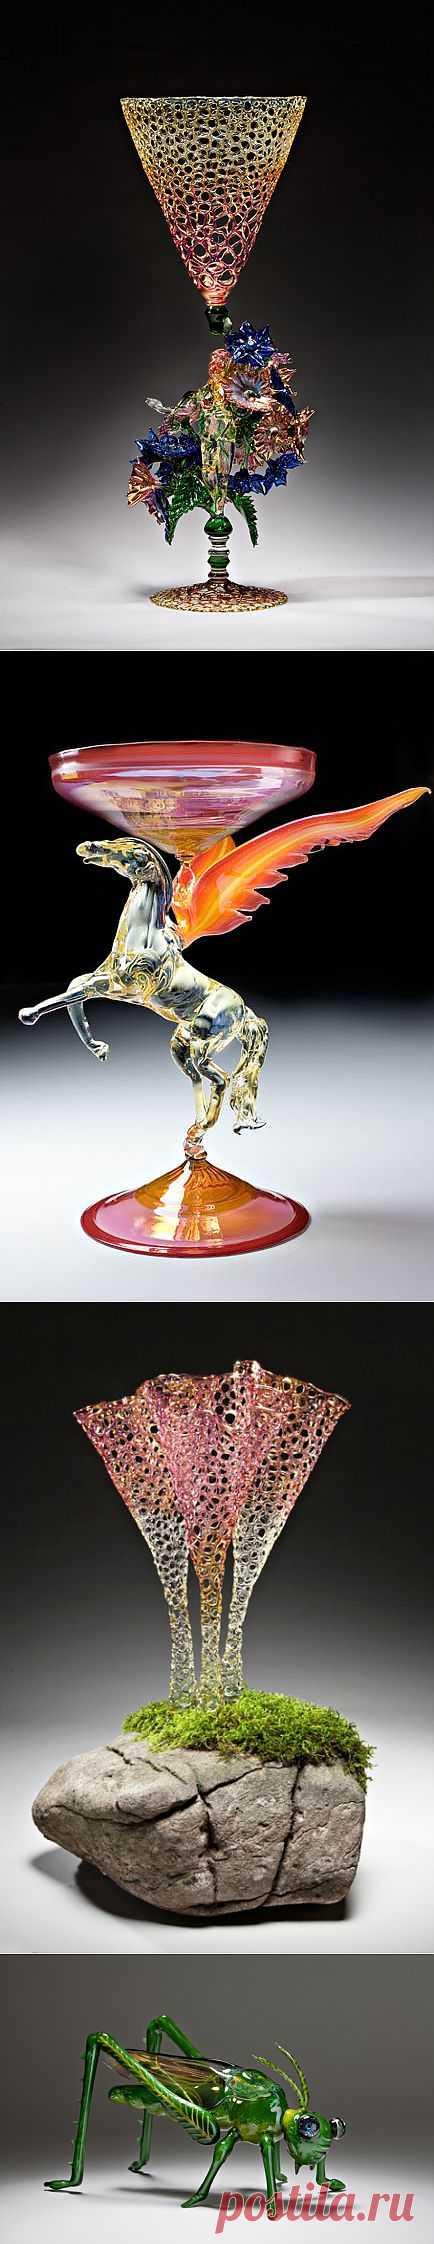 Волшебство из стекла R. JASON   HOWARD.В настоящее время его работы основаны на уникальной комбинации традиционных итальянских технологий и самостоятельно изобретенных  процессов для создания больших, органических, красочных форм, которые раздвигают  границы   по  созданию  стеклянных  изделий.